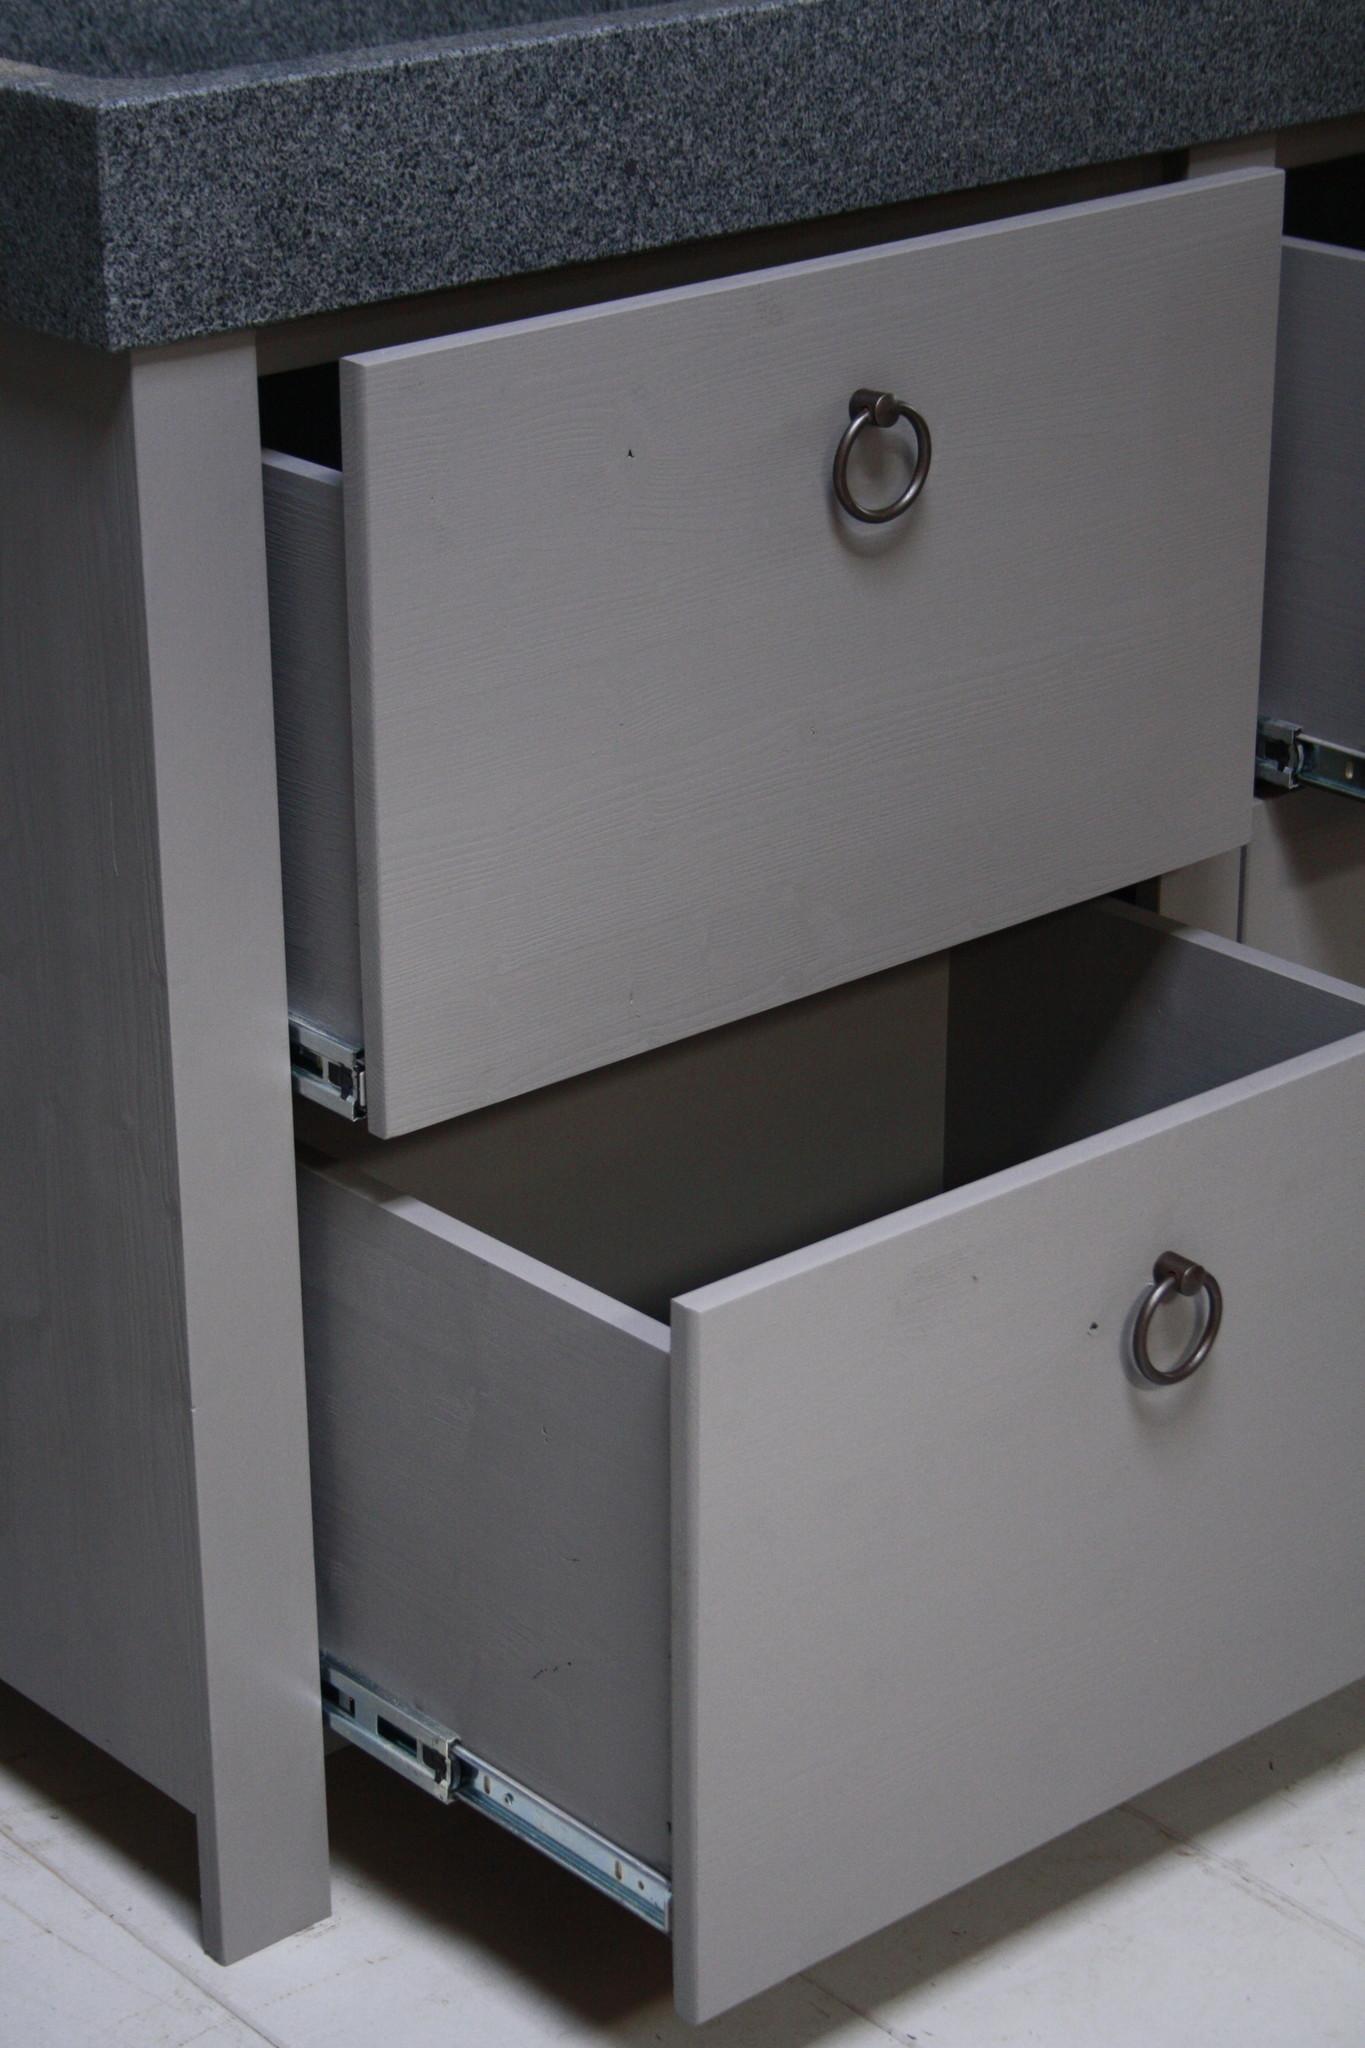 Landelijk badkamermeubel grijs 140 cm met 4 lades en dubbele spoelbak-6